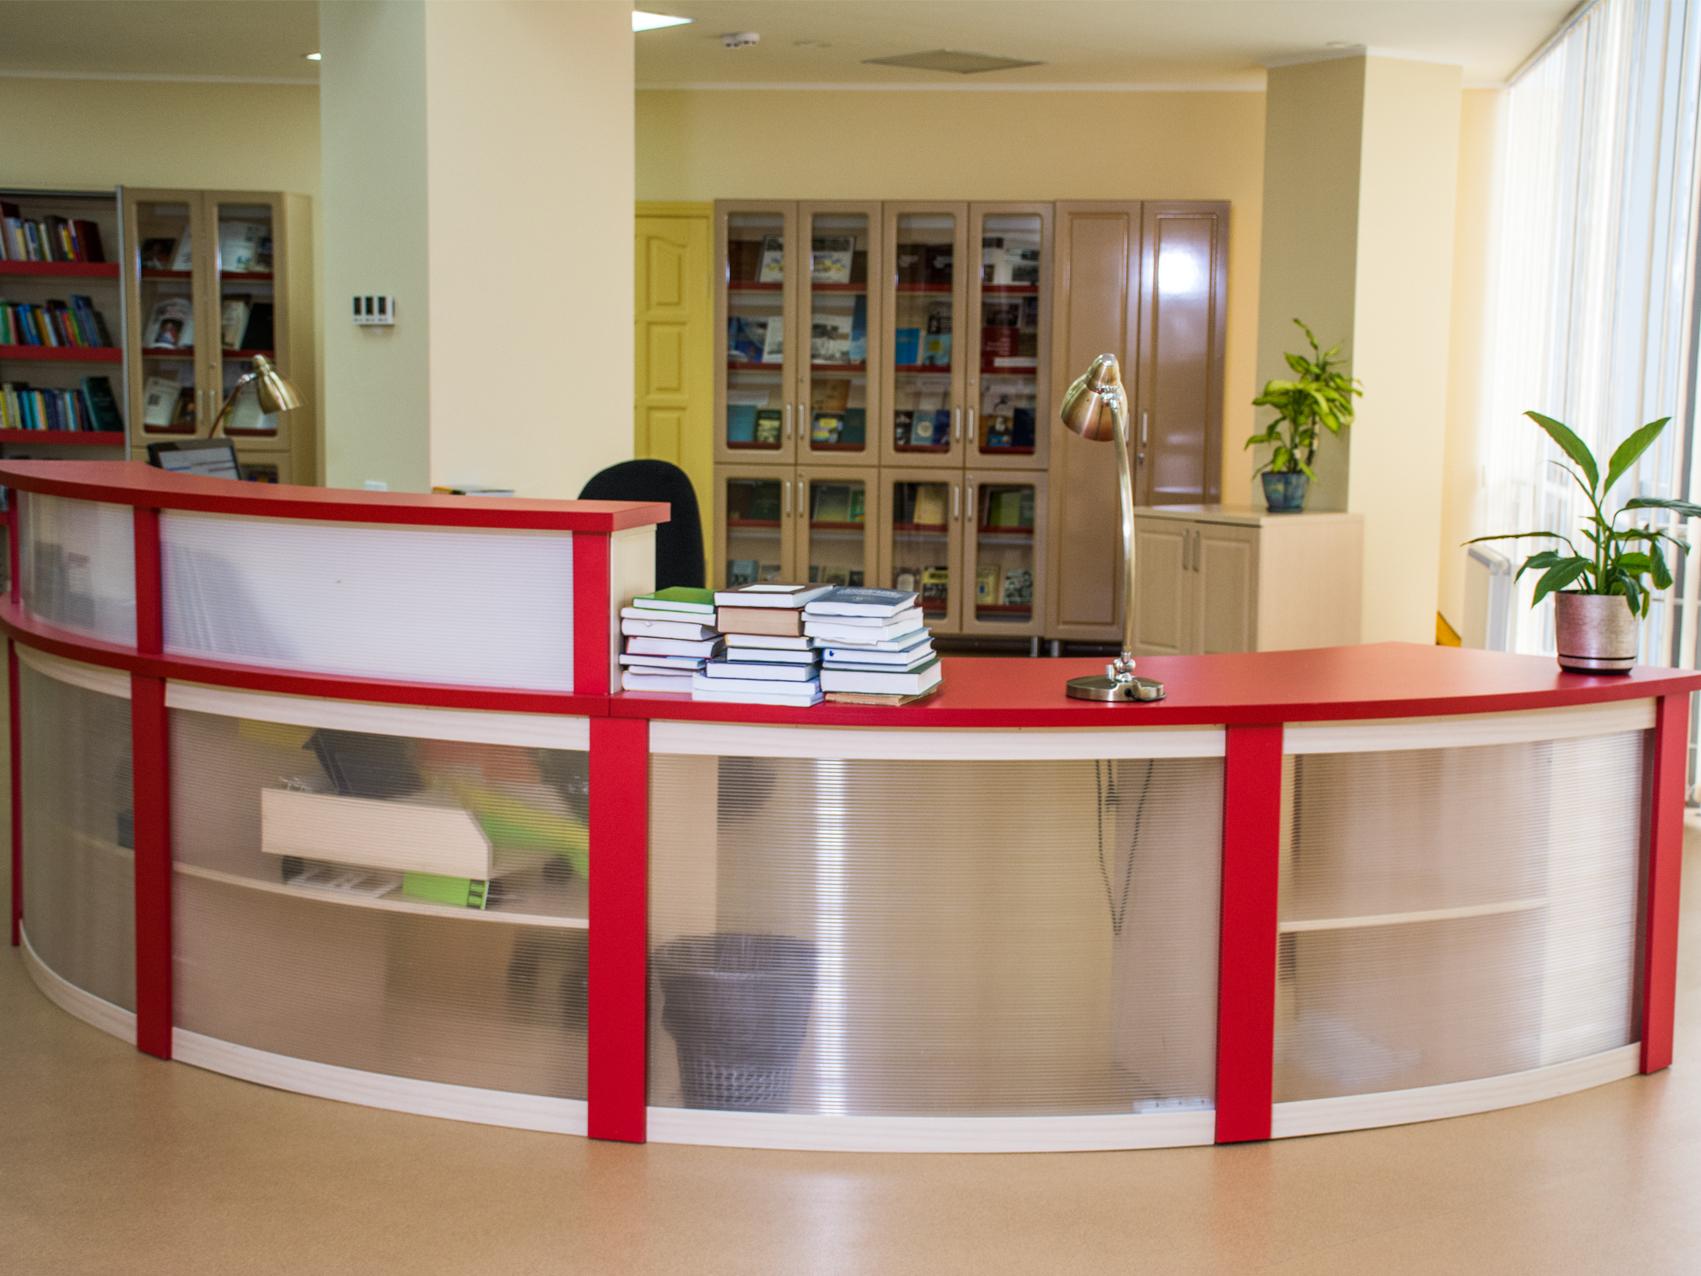 Модели мебели различного дизайна